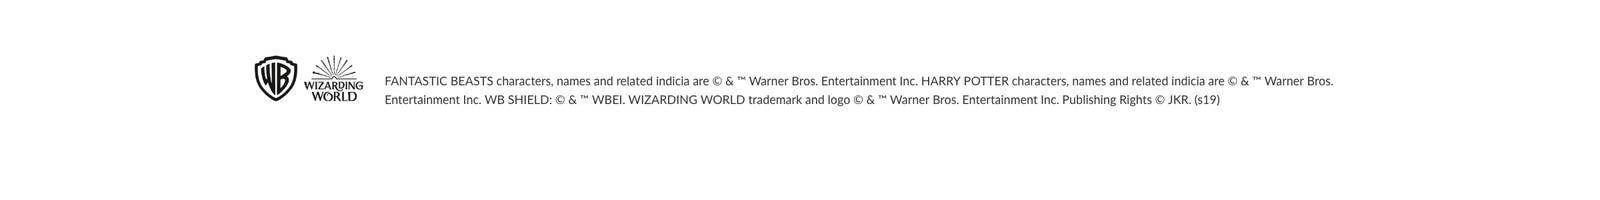 Harry potter trade mark